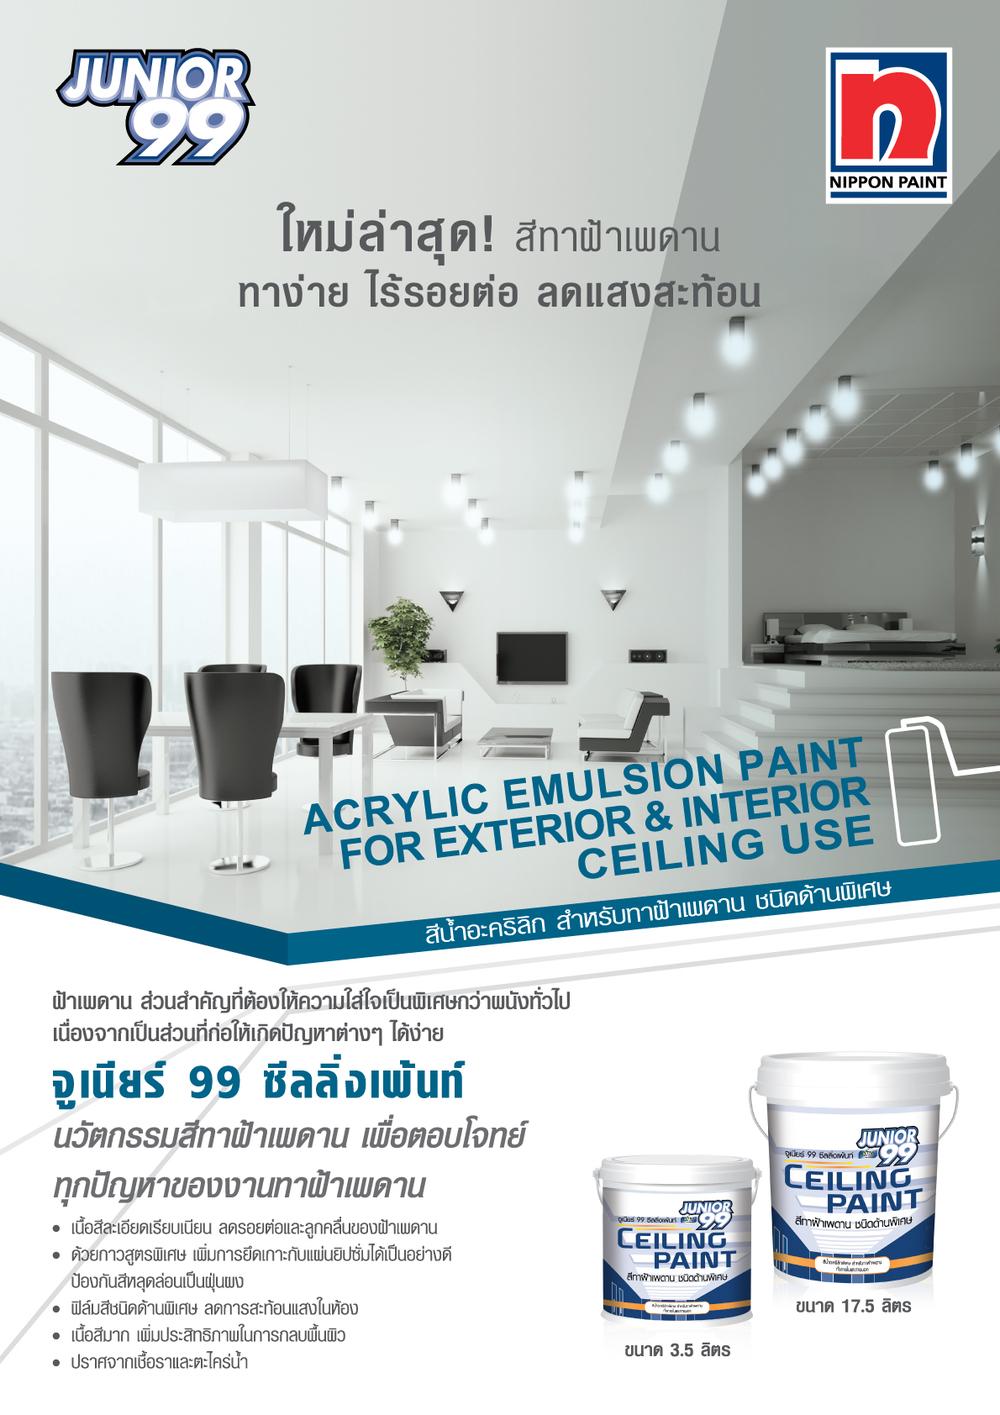 Junior 99 Ceiling paint